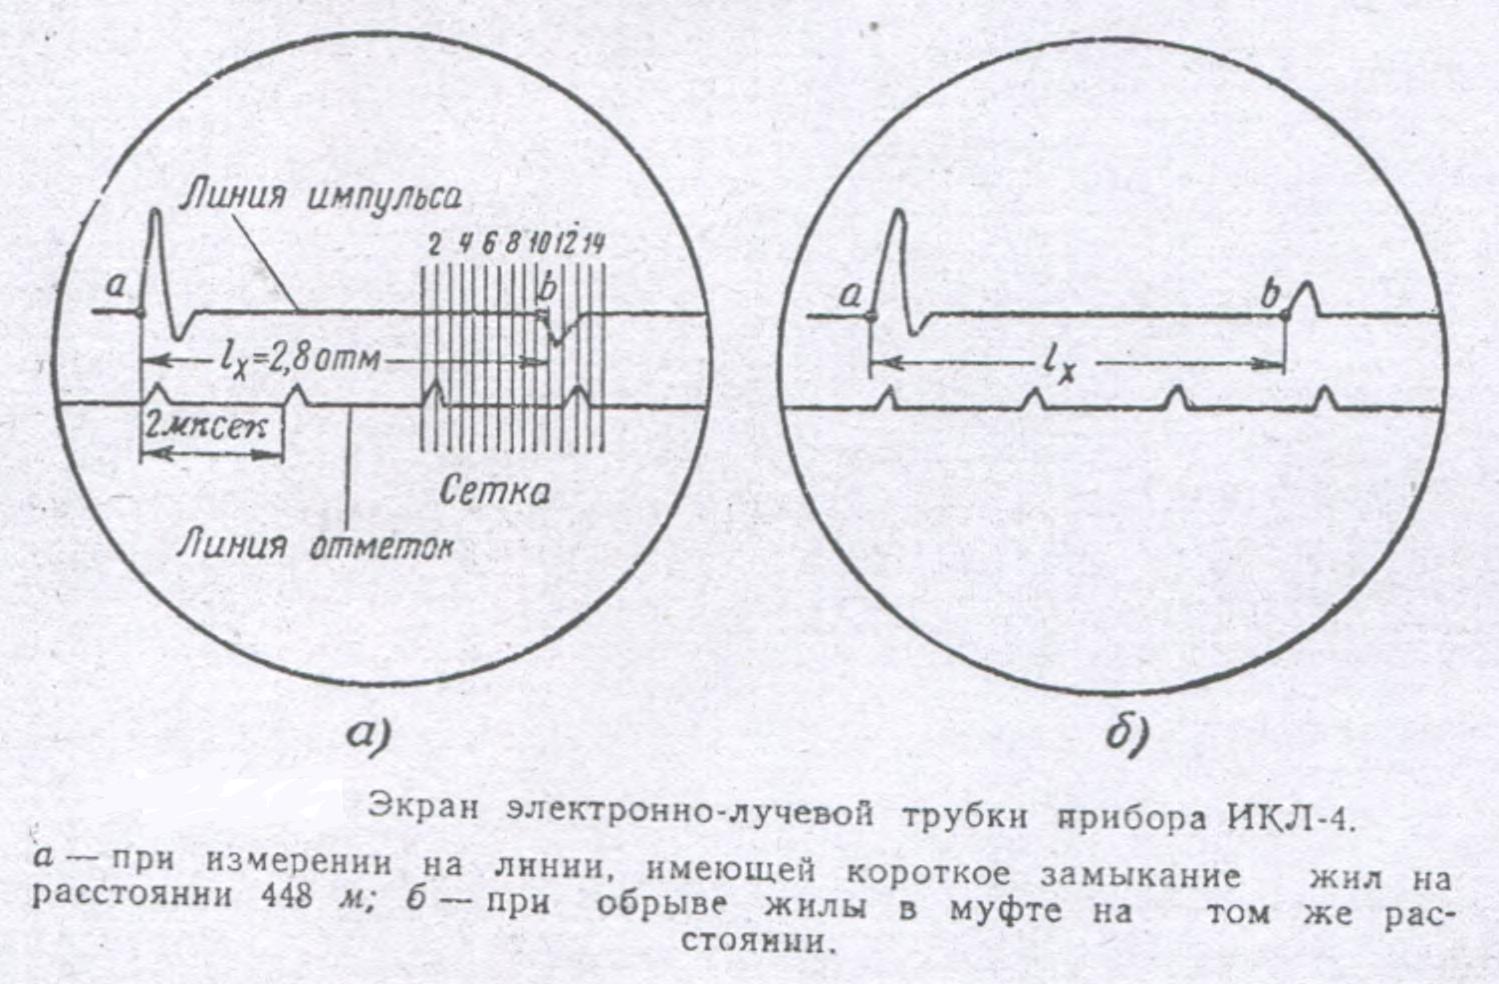 Экран электронно-лучевой трубки прибора ИКЛ-4